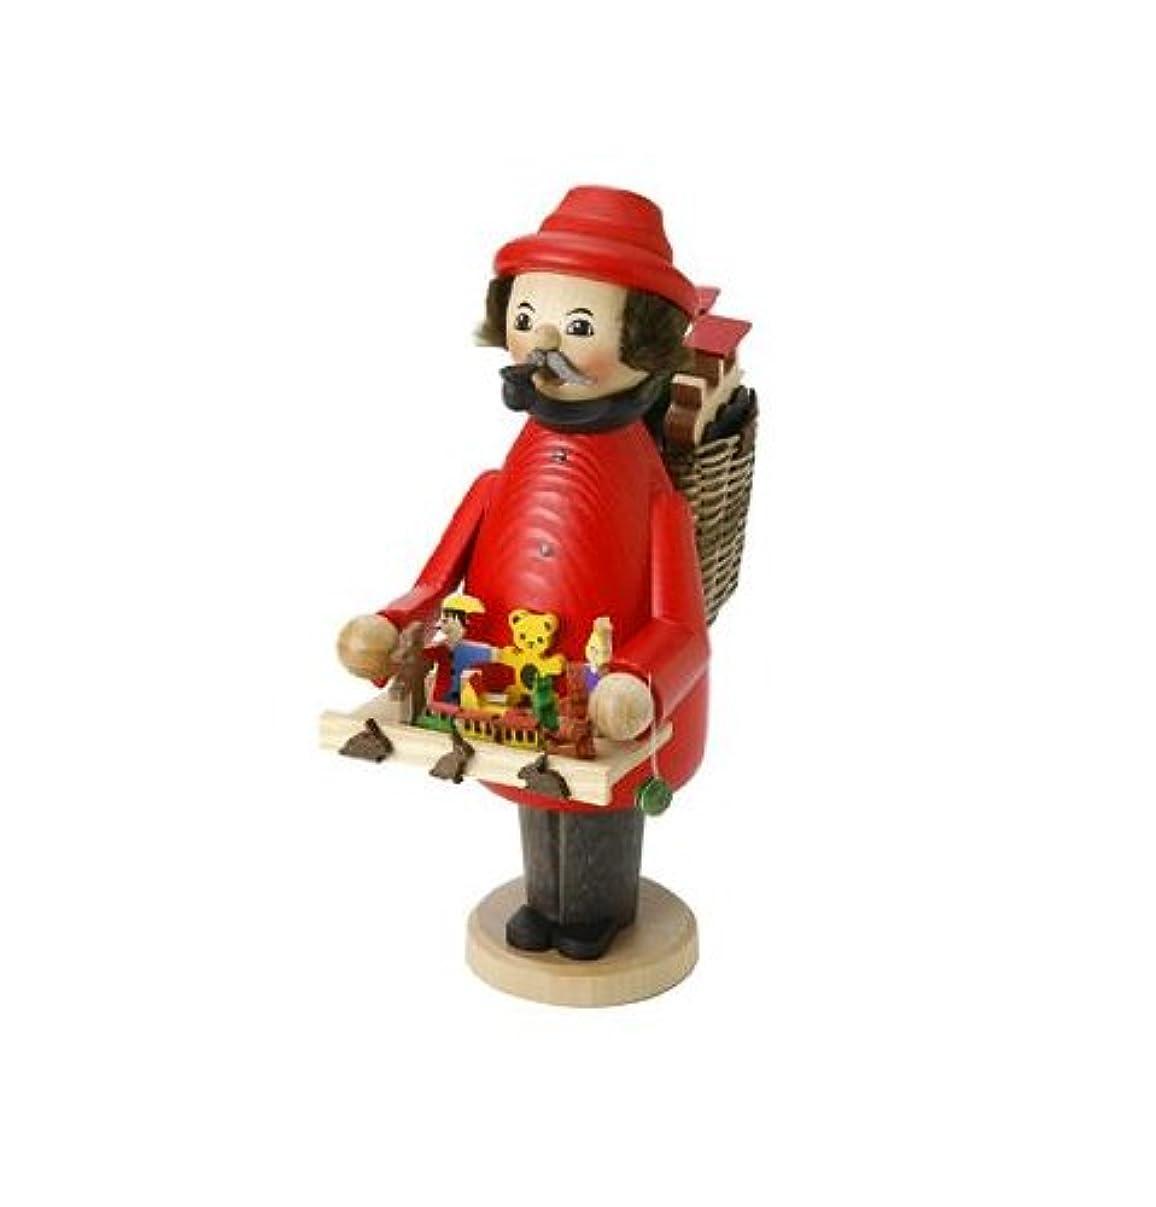 エロチック服を洗う瀬戸際ミニパイプ人形香炉 おもちゃ売り